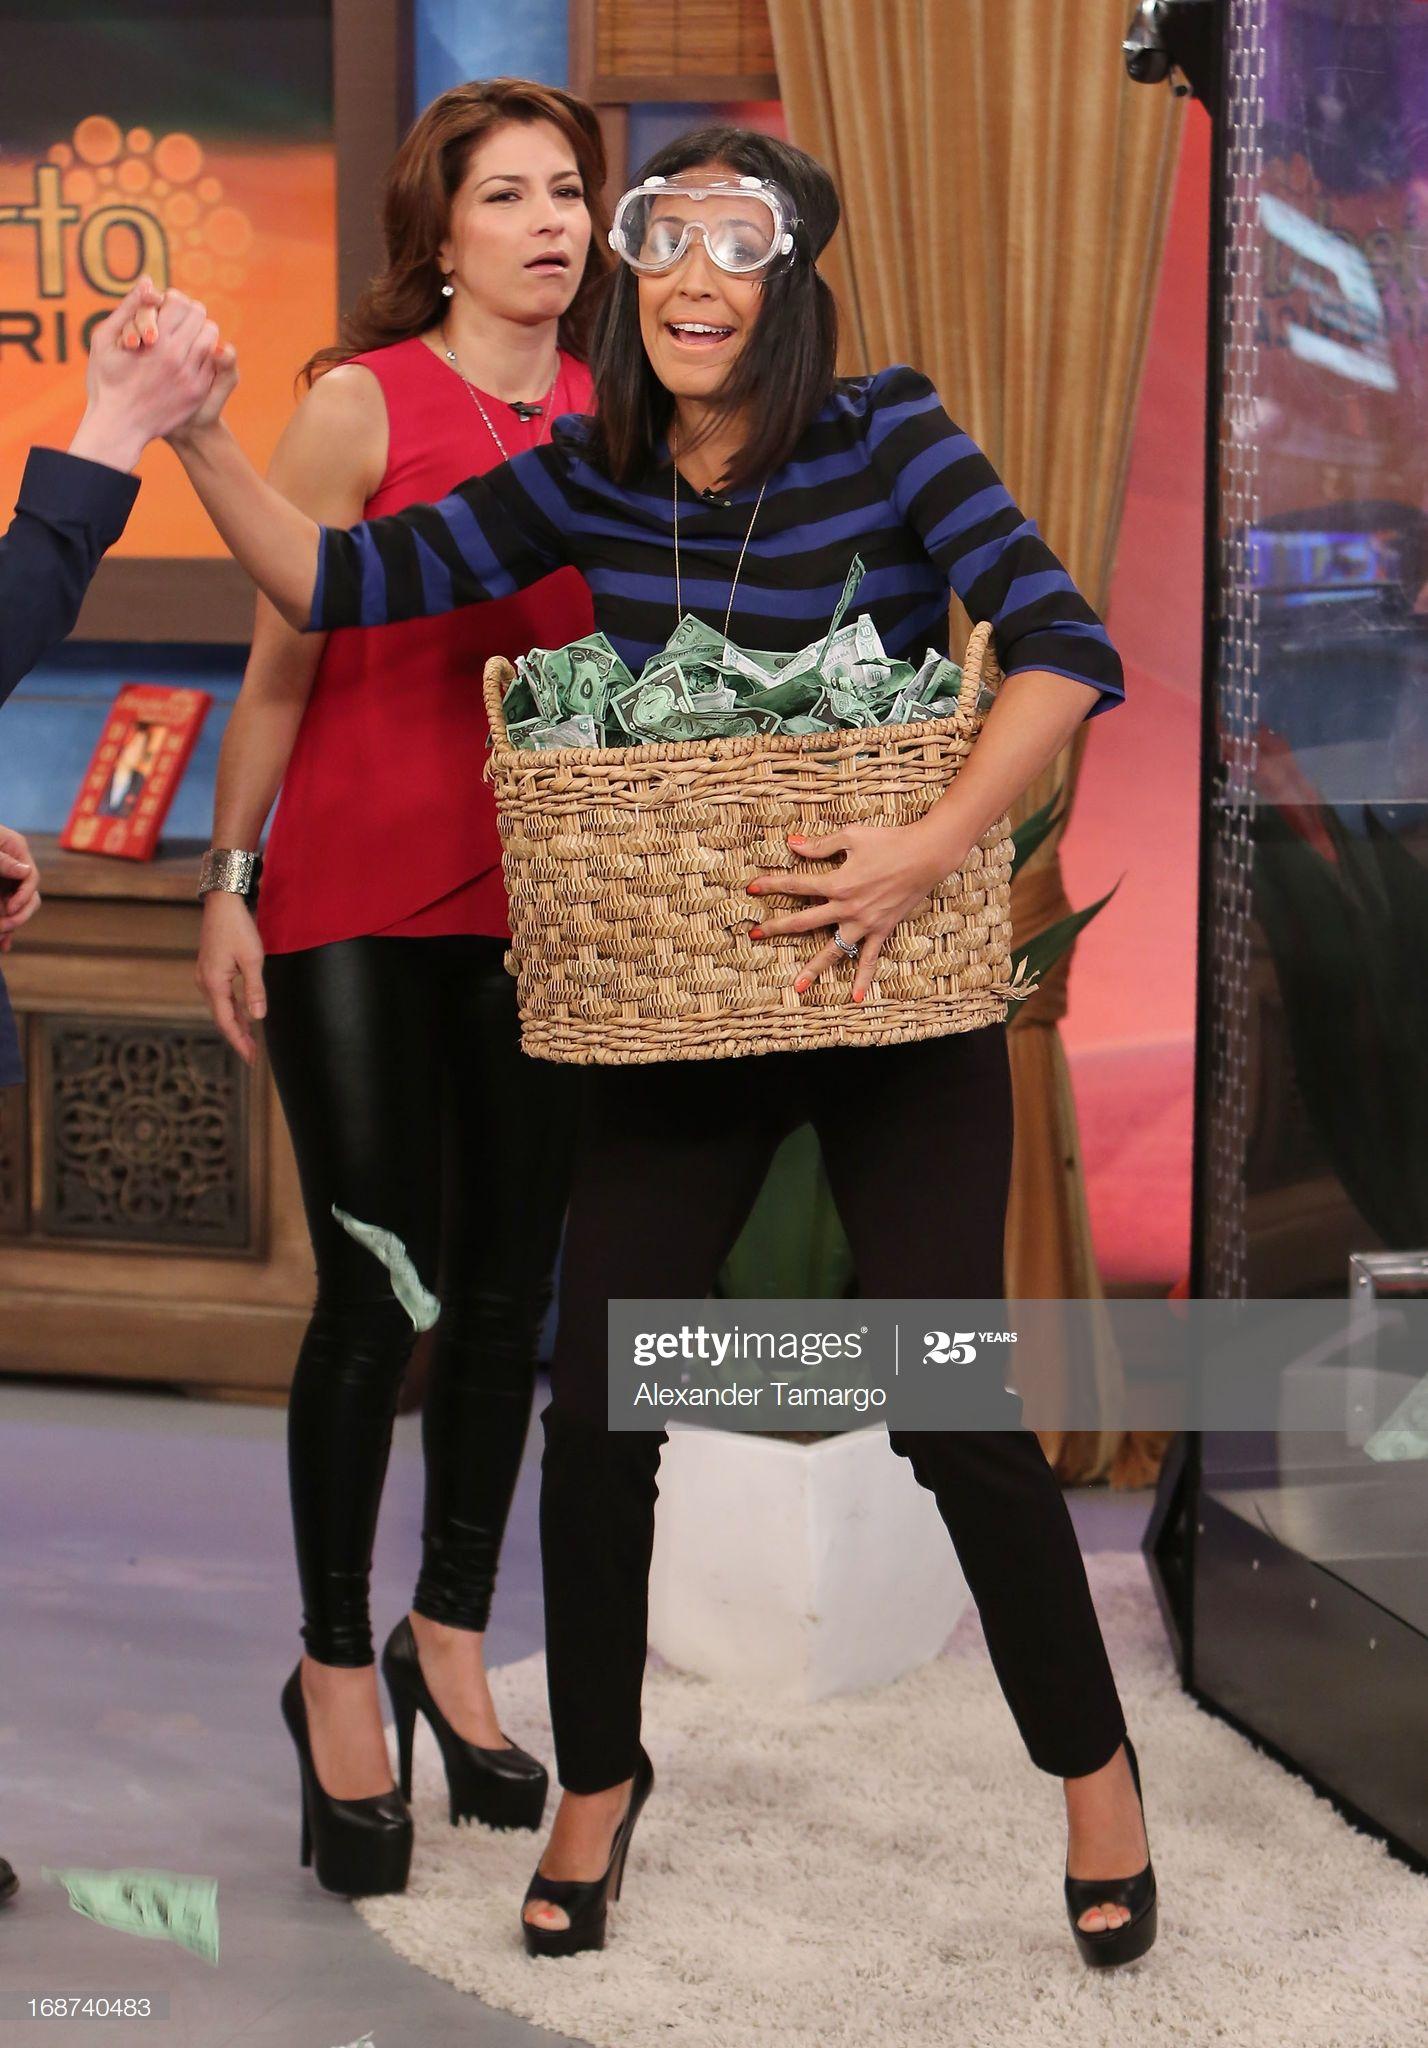 News Photo Alessandra Rosaldo And Karla Martinez Are Seen In 2020 Karla Martinez Fashion Alessandra